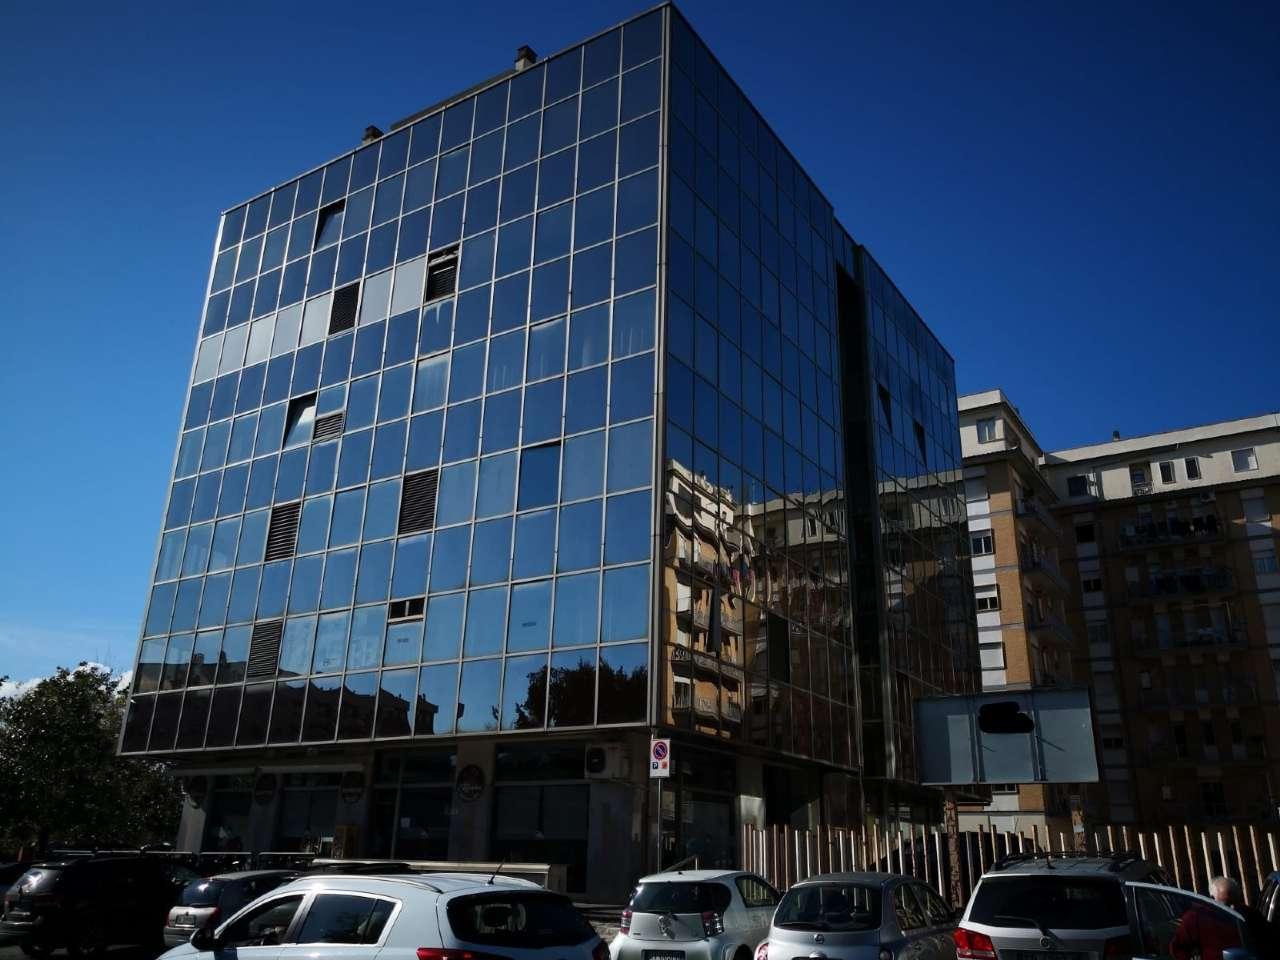 Ufficio / Studio in vendita a Frosinone, 3 locali, prezzo € 180.000 | CambioCasa.it